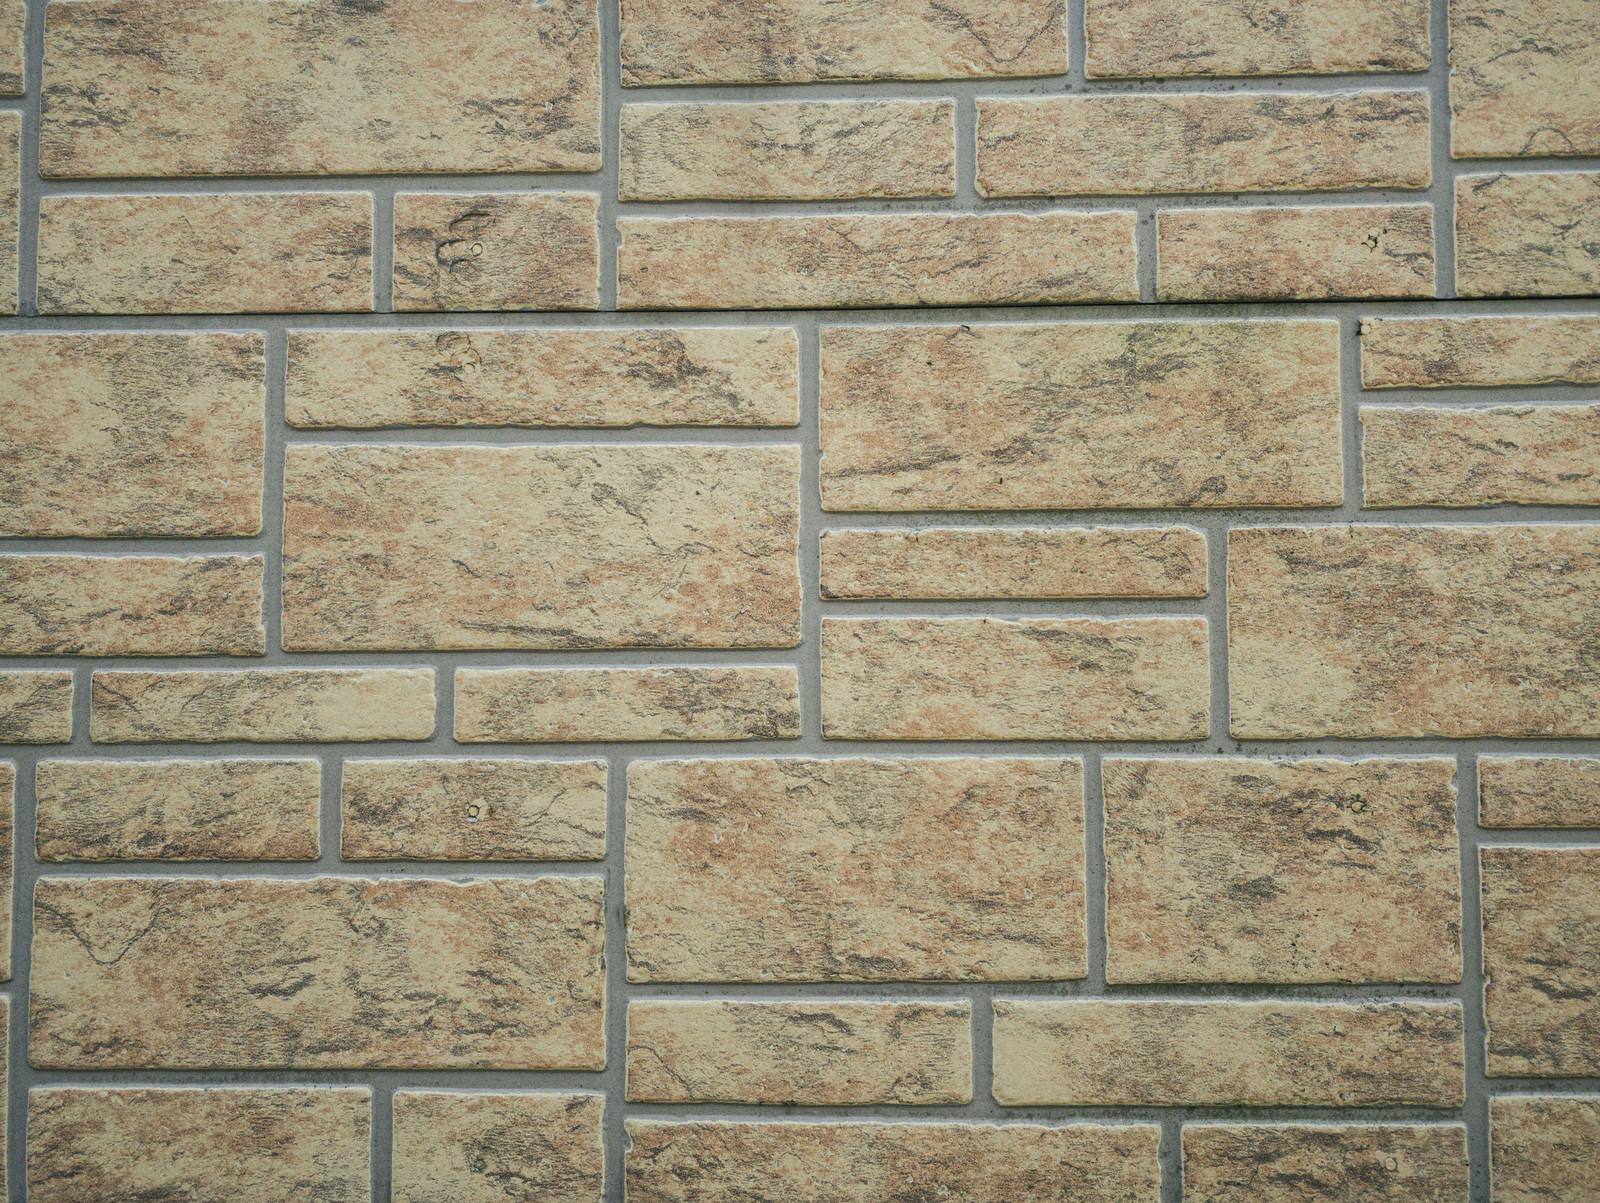 「いろんなサイズの長方形が敷き詰められたタイル(テクスチャ)」の写真